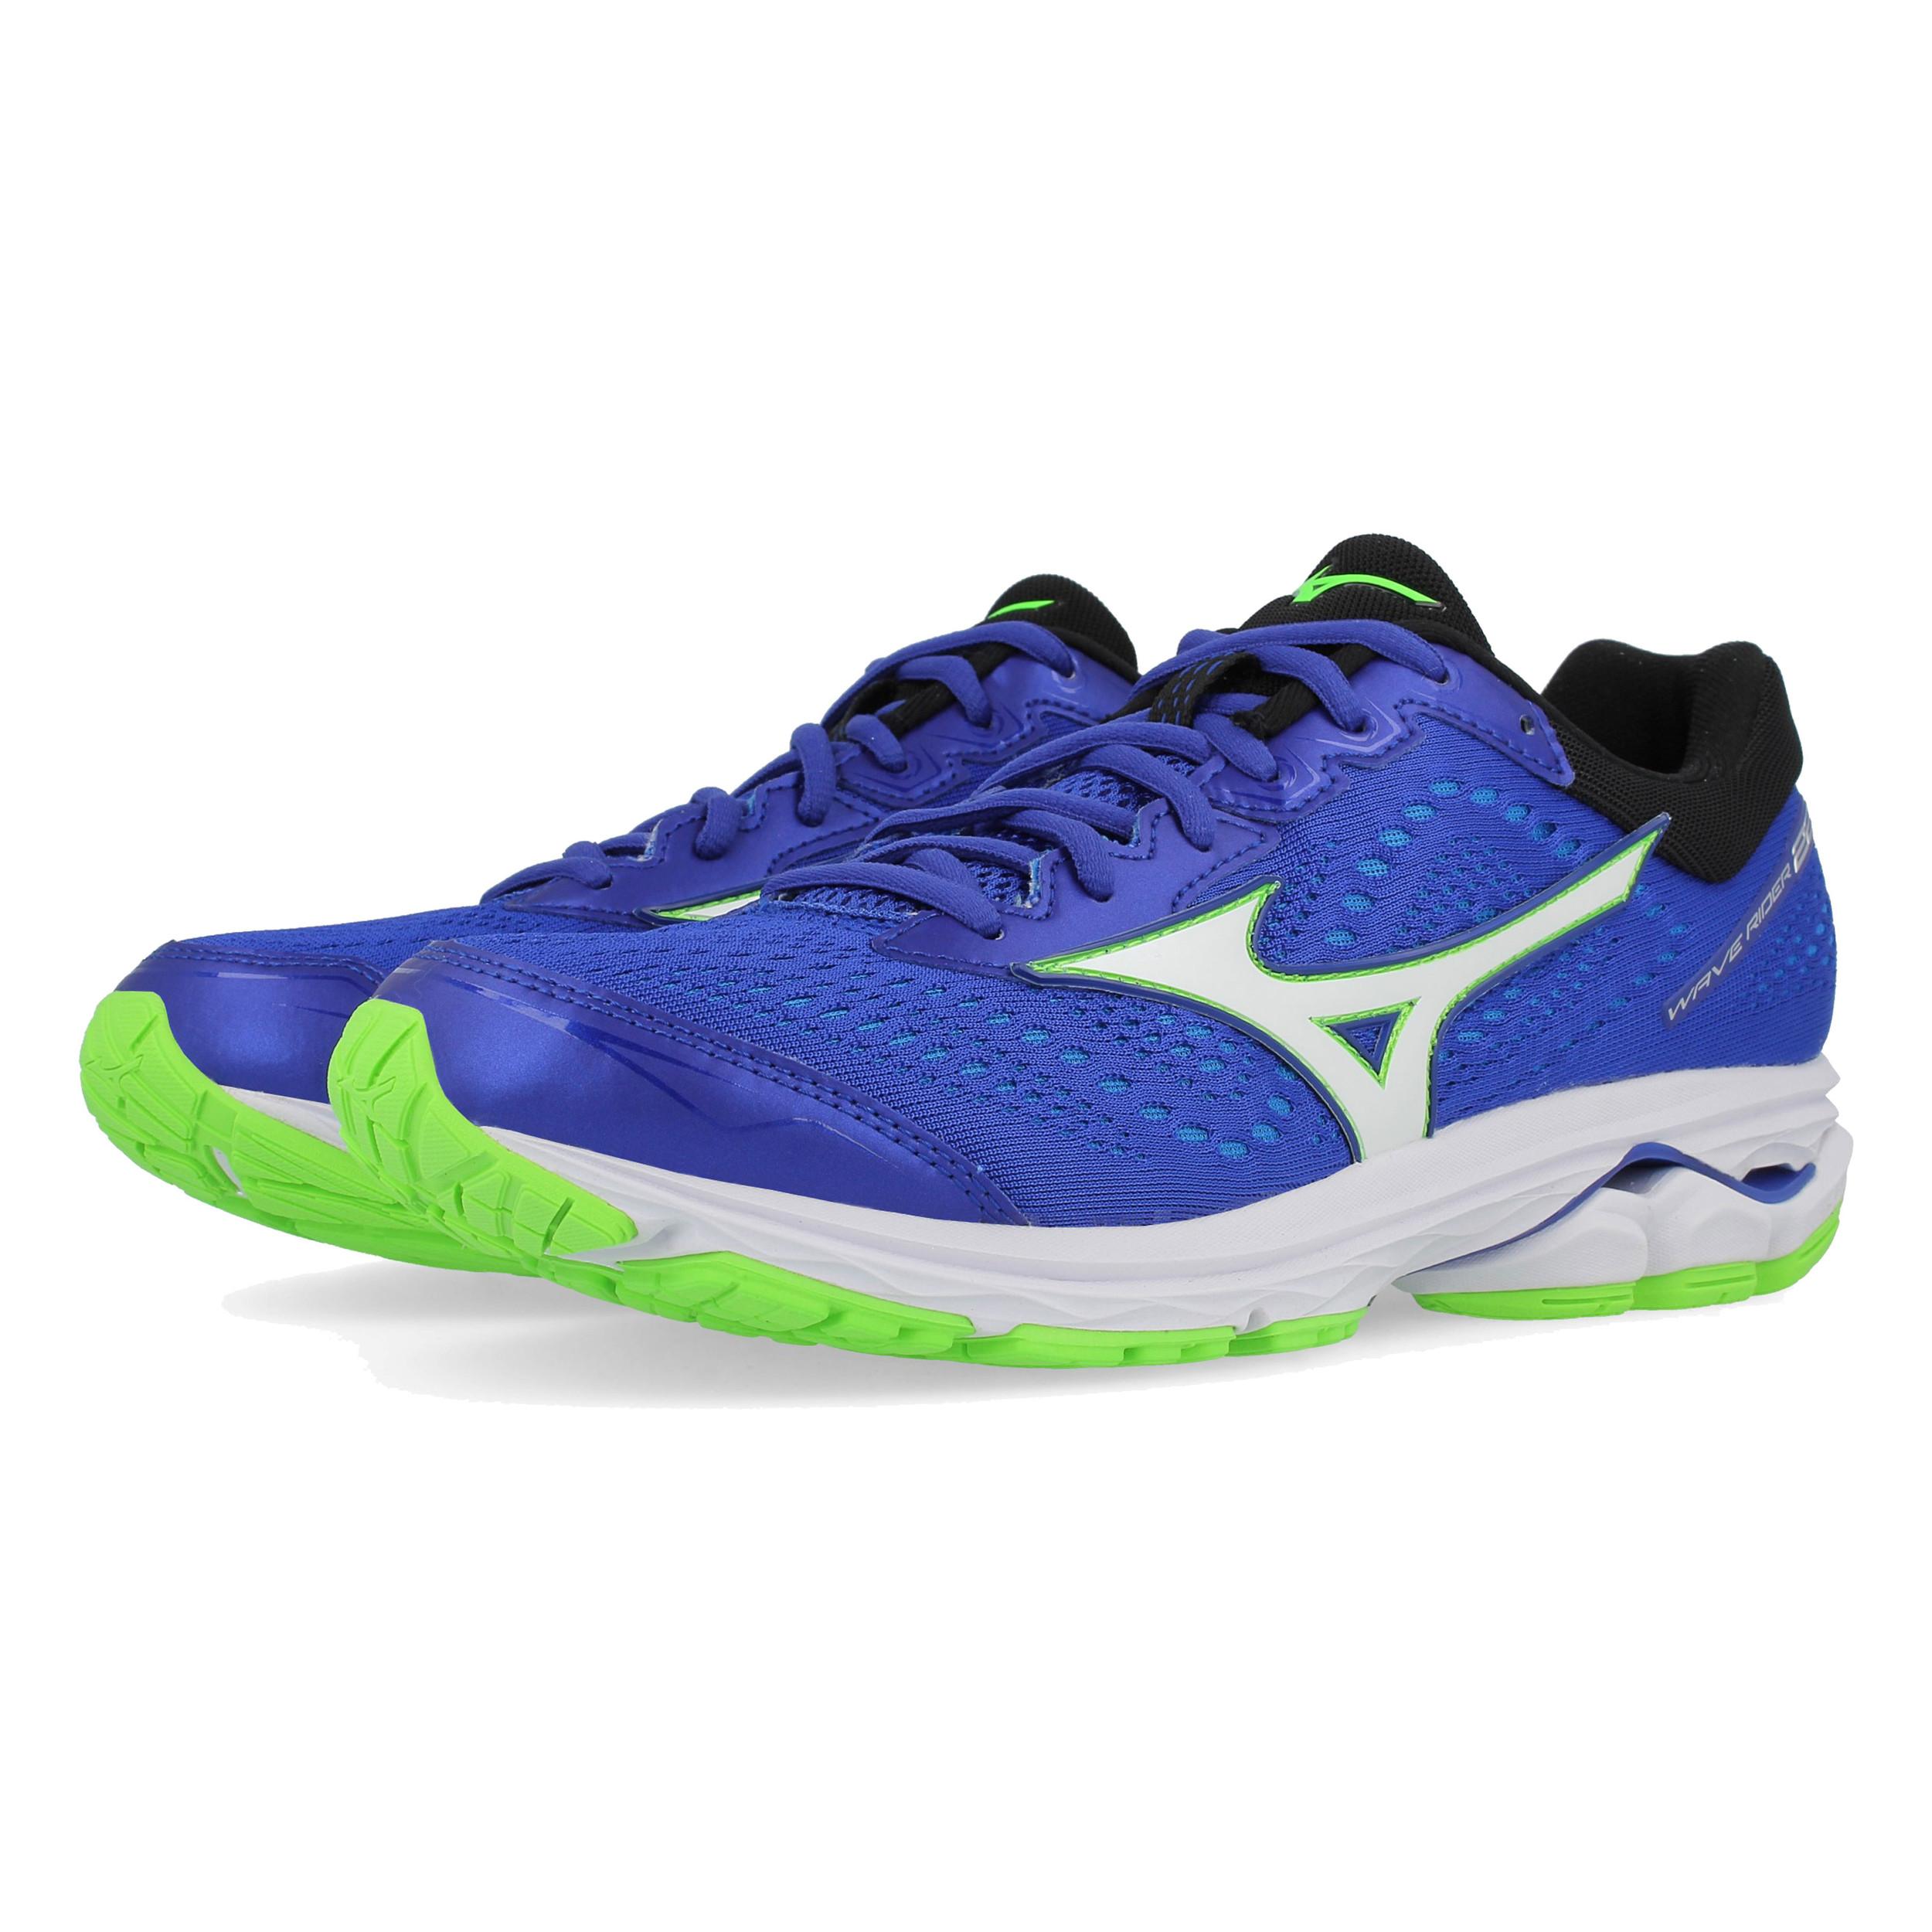 17e18b230 Mizuno Hombre Wave Rider 22 Correr Zapatos Zapatillas Azul Deporte  Transpirable